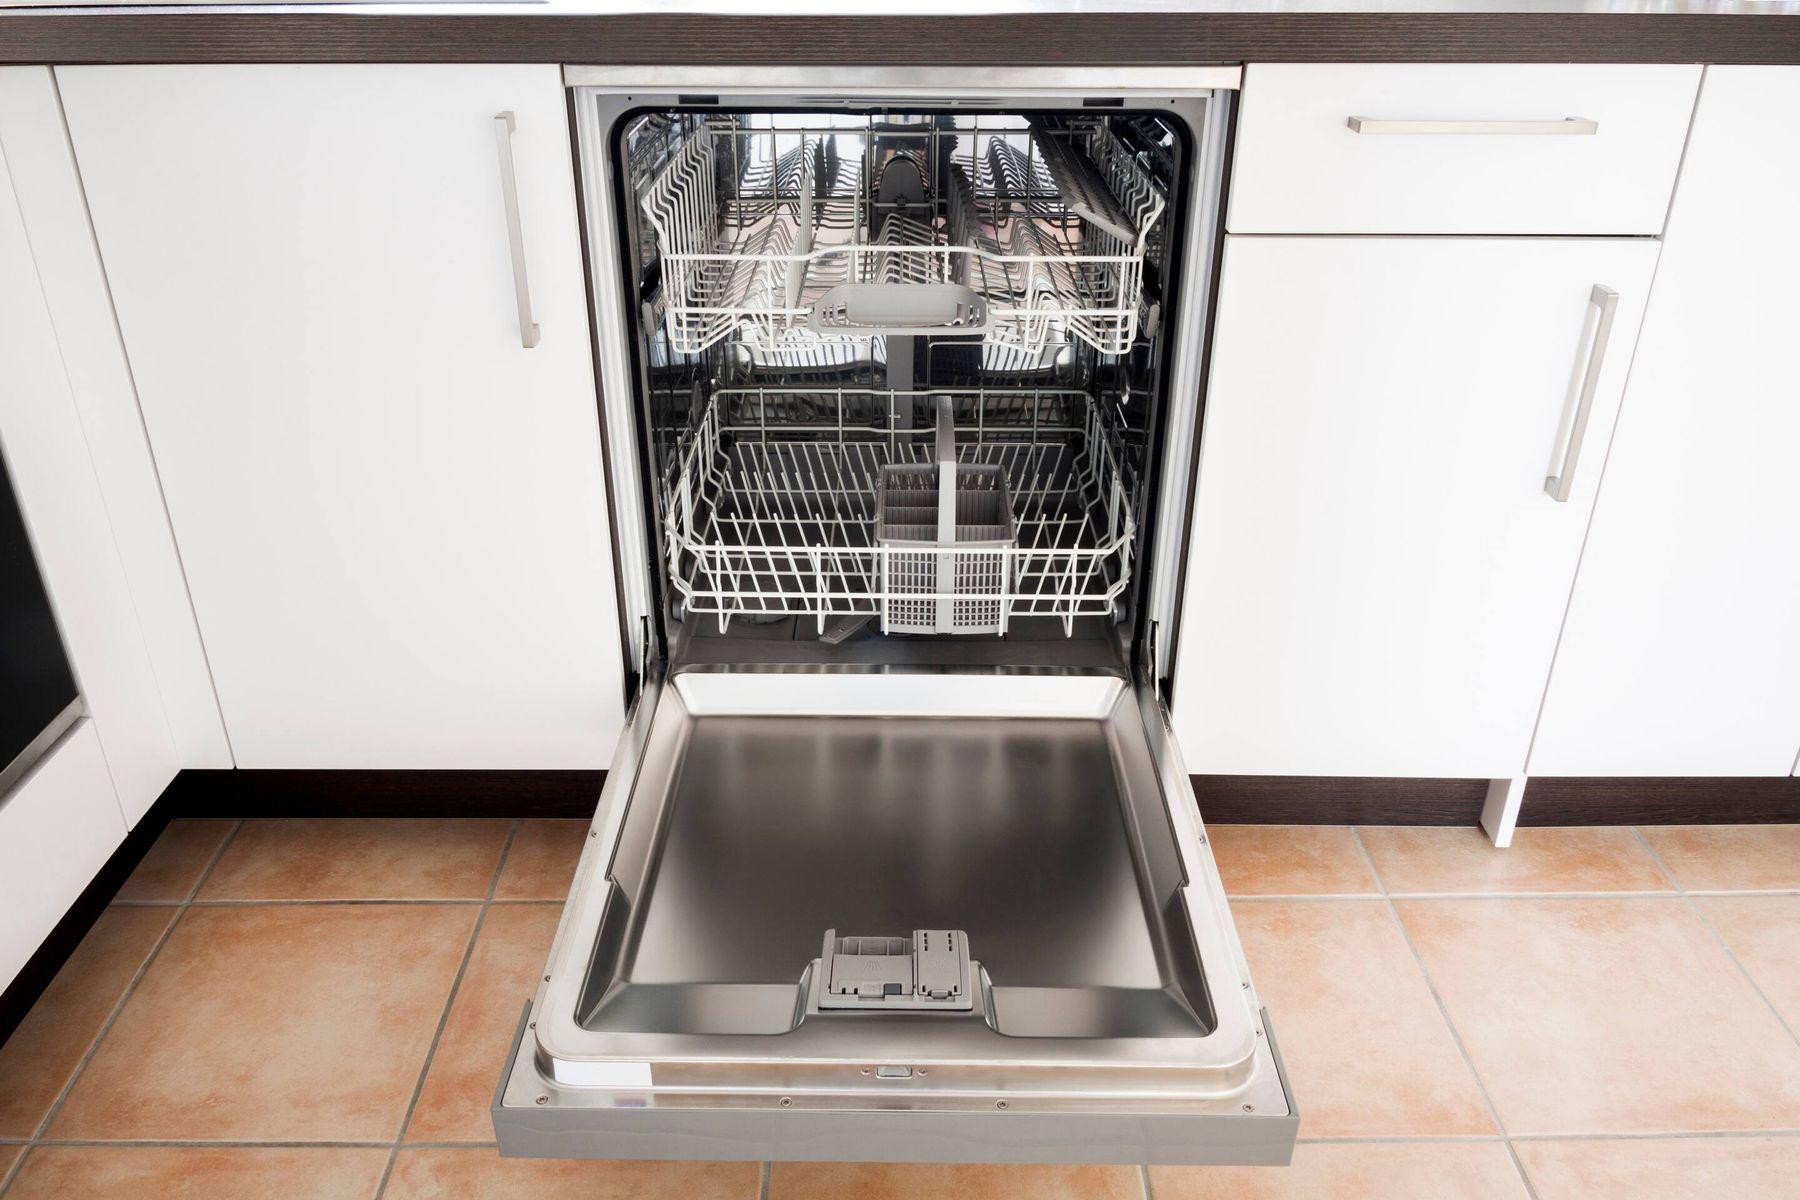 Bulaşık Makinesine Sirke Konur mu?